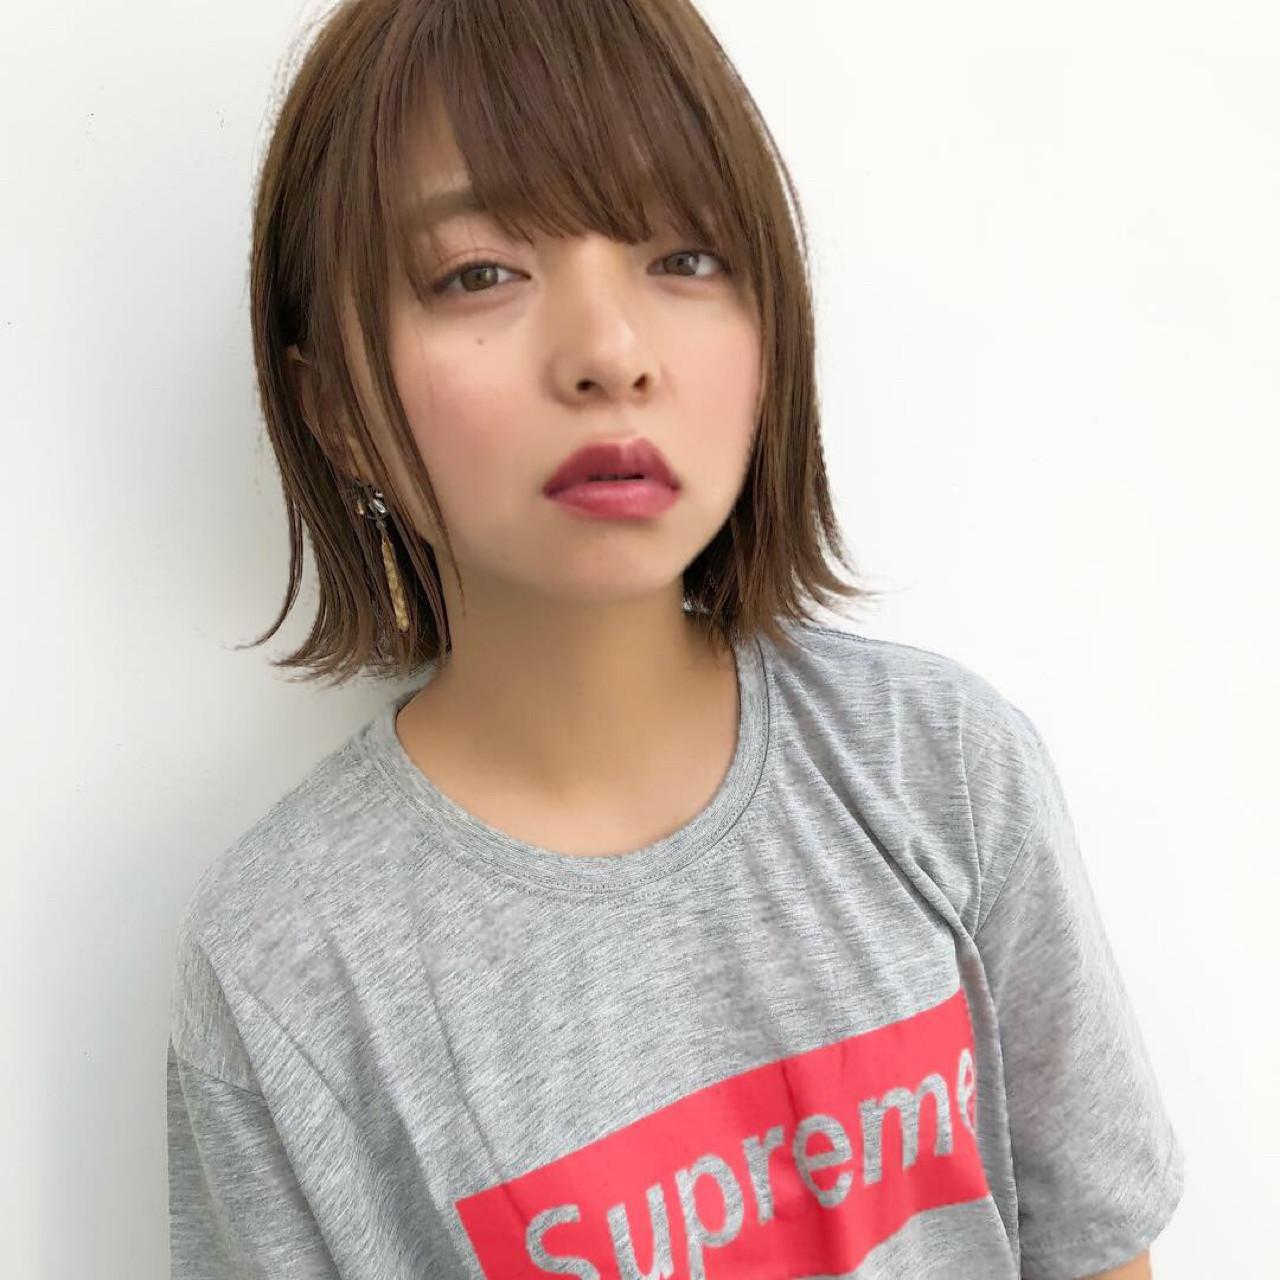 2.日本人に最も多い「丸顔タイプ」 増永 剛大/Un ami